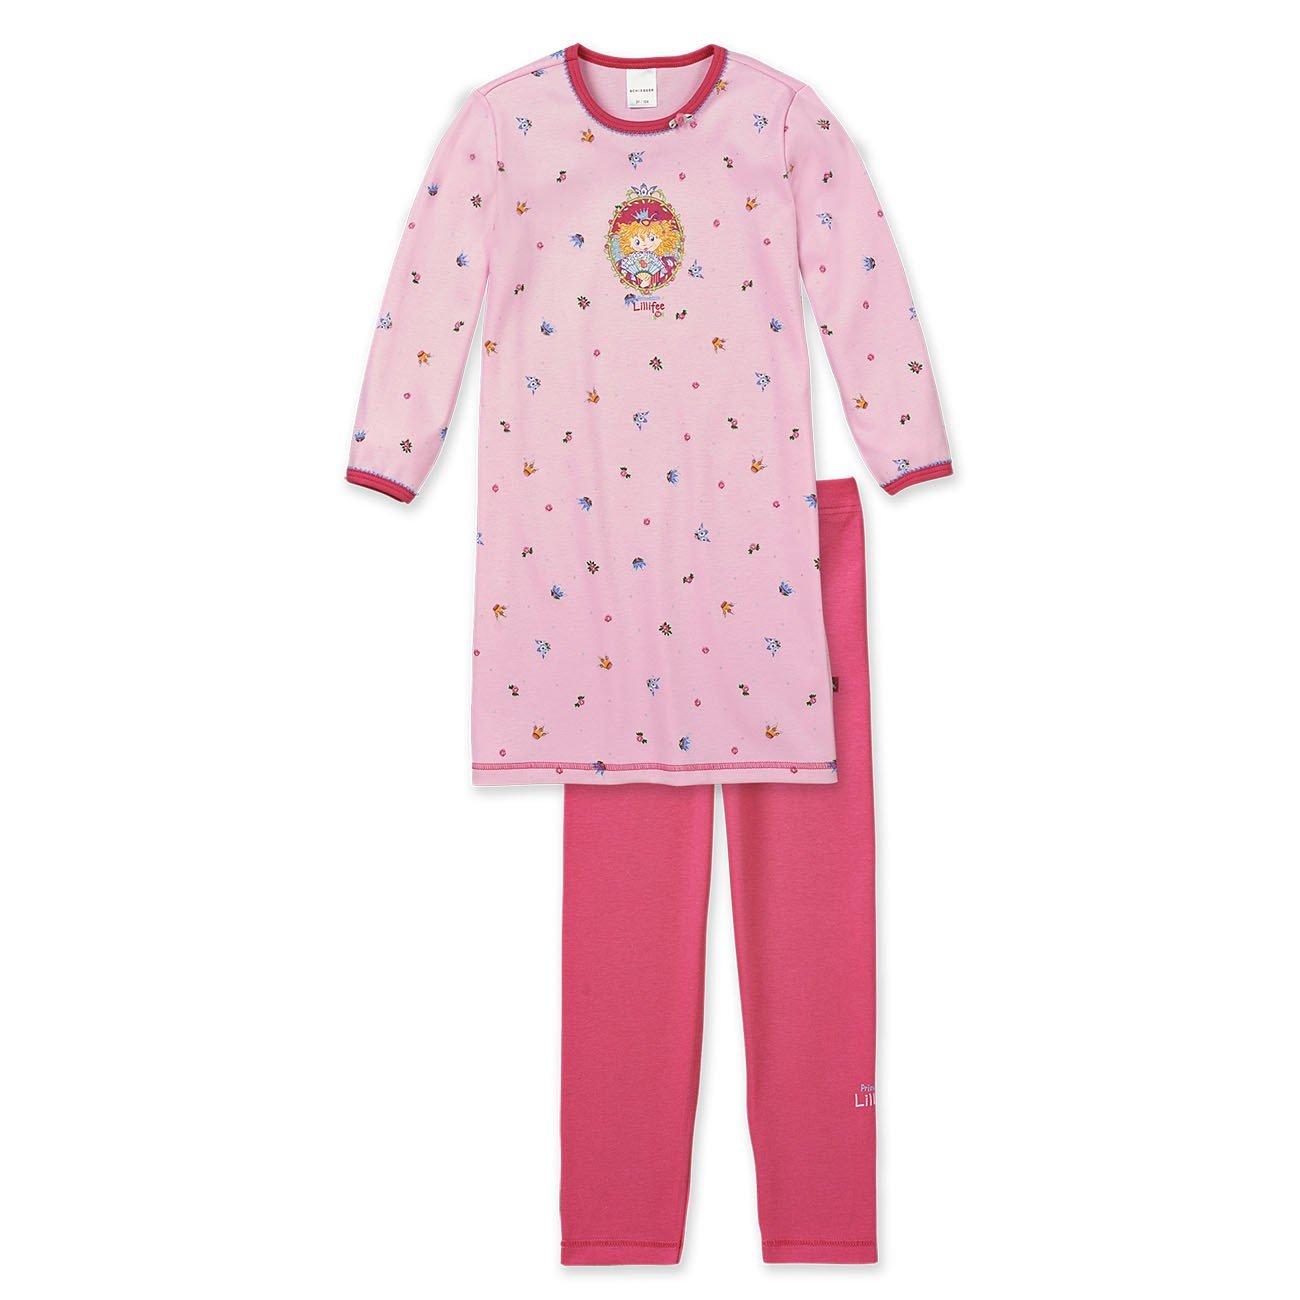 Schiesser Mädchen Schlafanzug, Sleepshirt, Nachthemd + Leggings, Prinzessin Lillifee, rosa, 143760